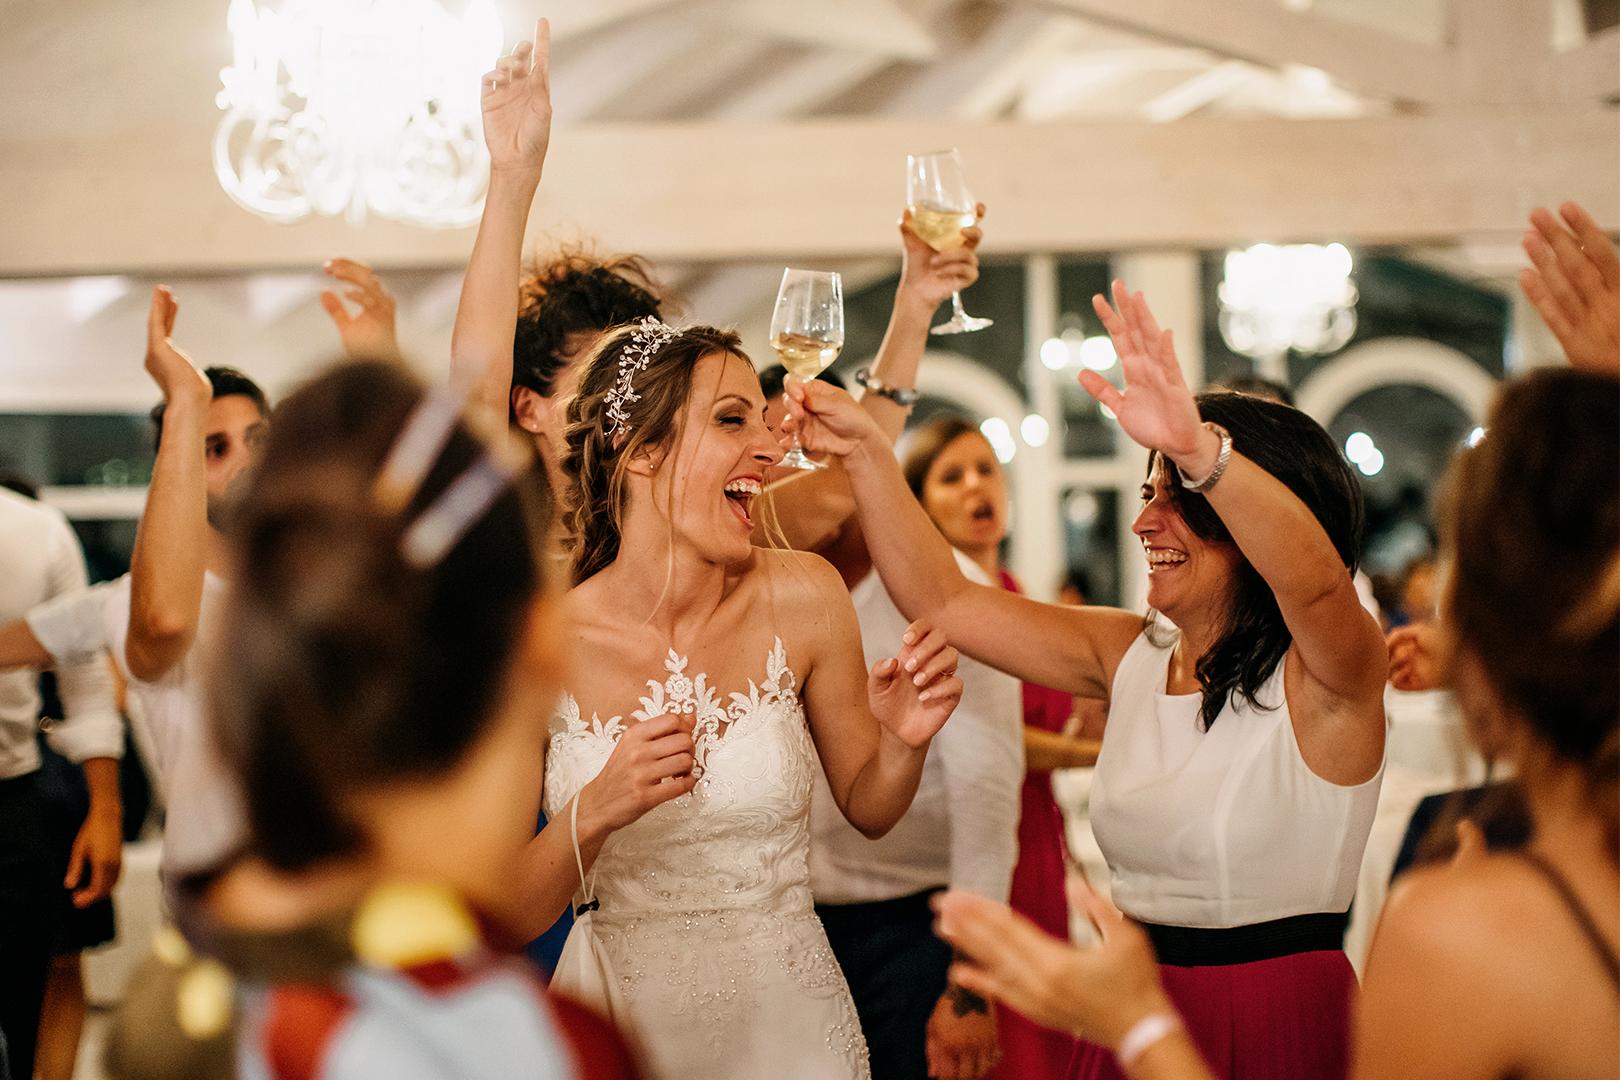 59 gianni-lepore-matrimonio-fotografo-ballo-sposi-bride-groom-amici-brindisi-invitati